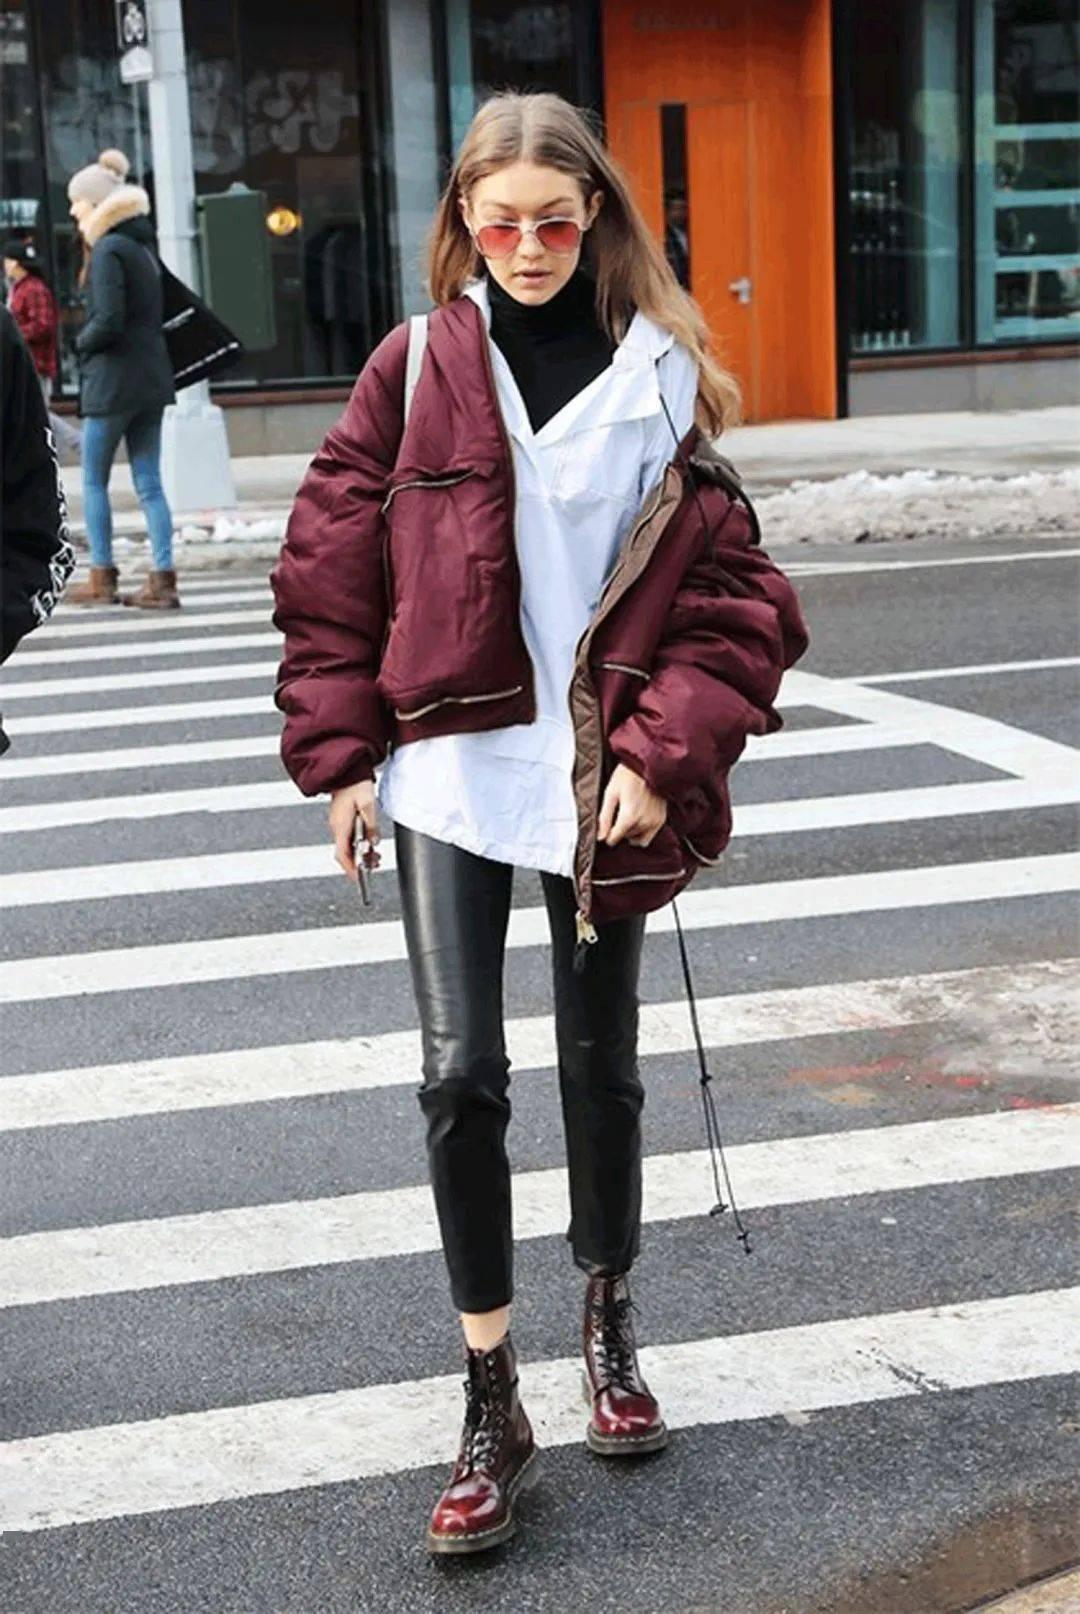 马丁靴+裙子,马丁靴+工装裤……又酷又撩,时髦炸了!     第58张